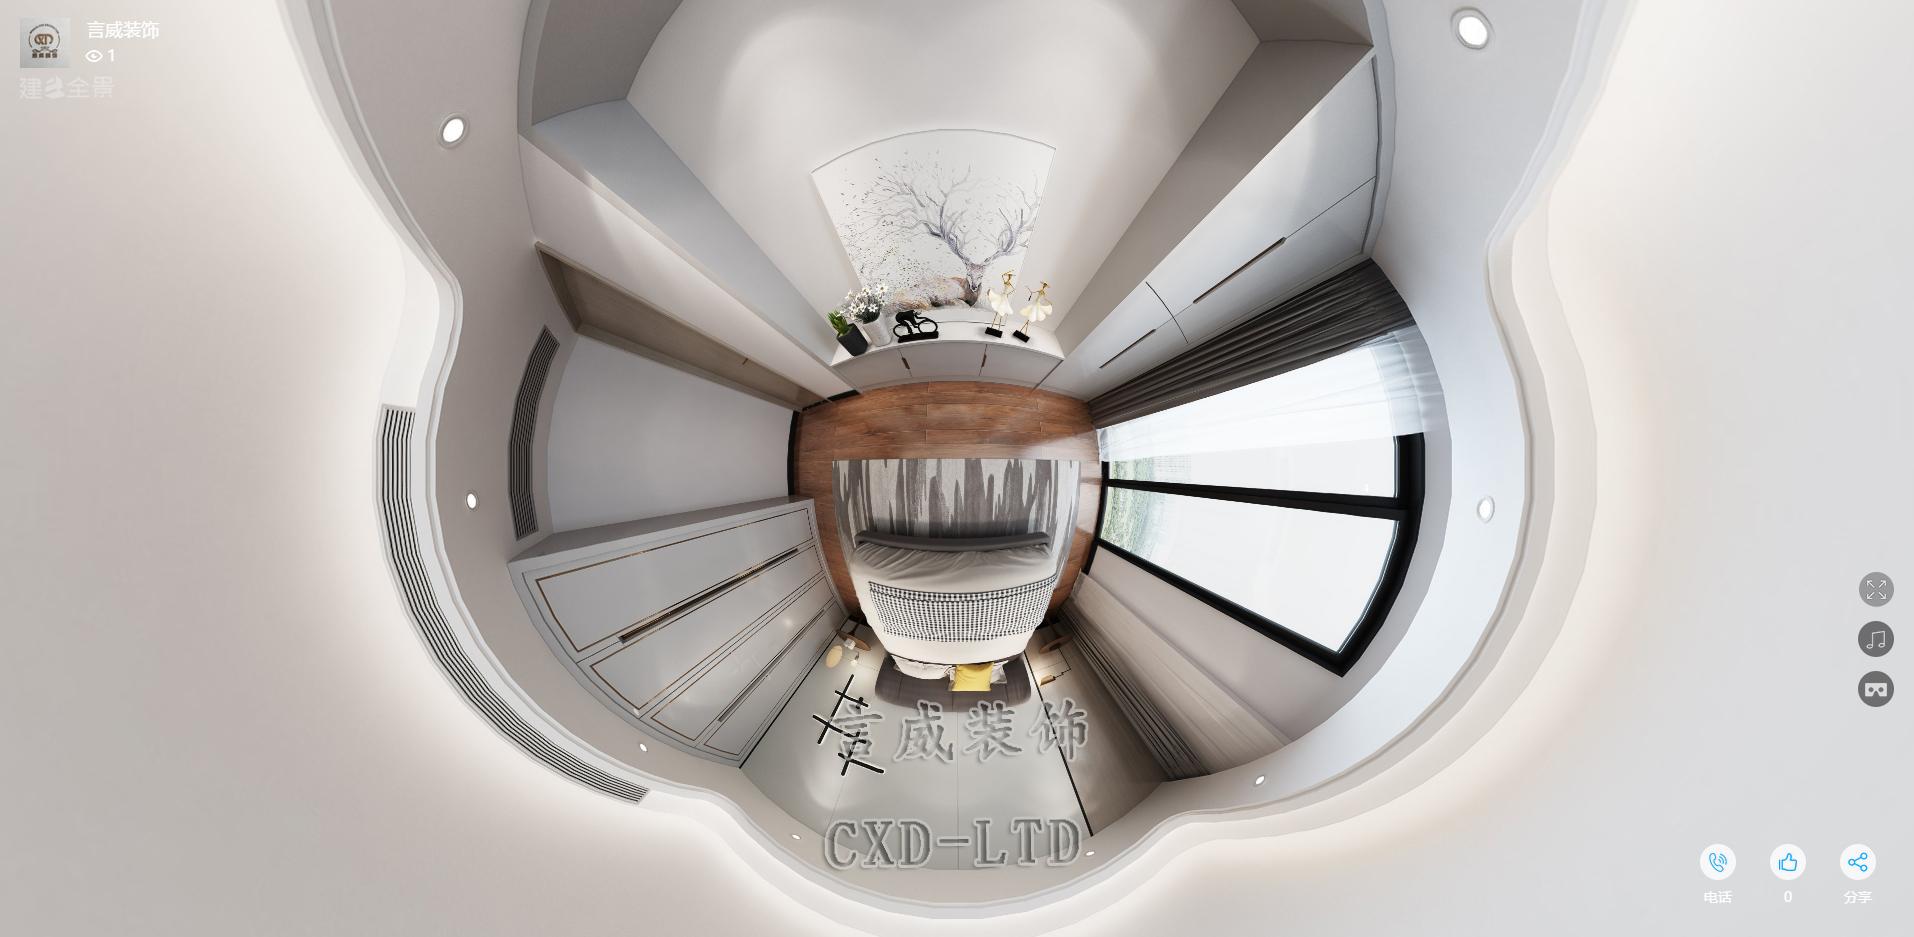 三居 卧室 客厅 装修 装饰 设计 旧房改造 言威装饰图片来自深圳市言威装饰设计有限公司在【言威装饰作品】新桥景城花园、的分享